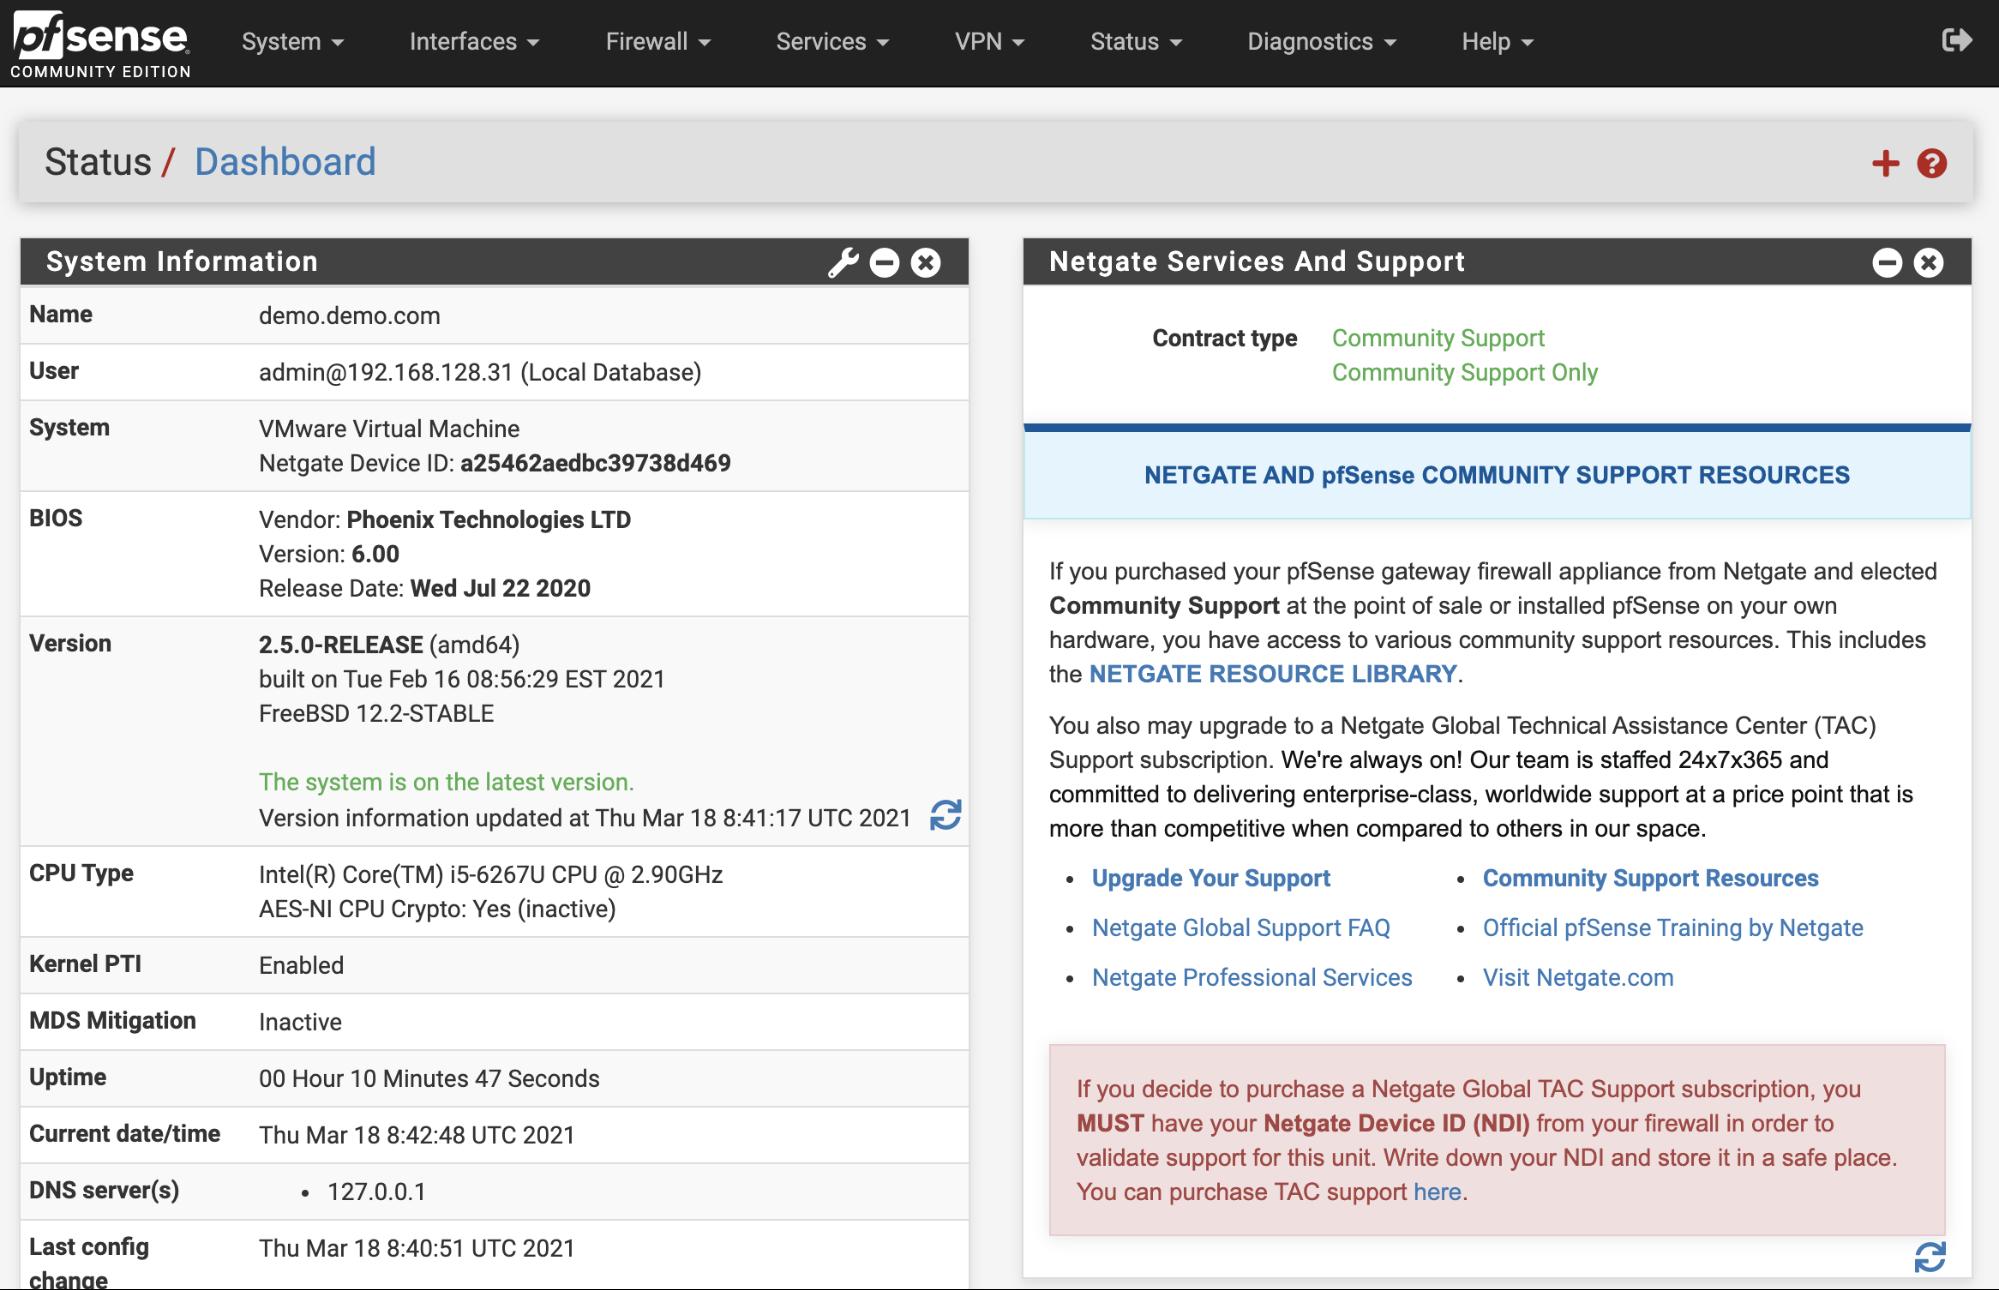 pfsense web interface